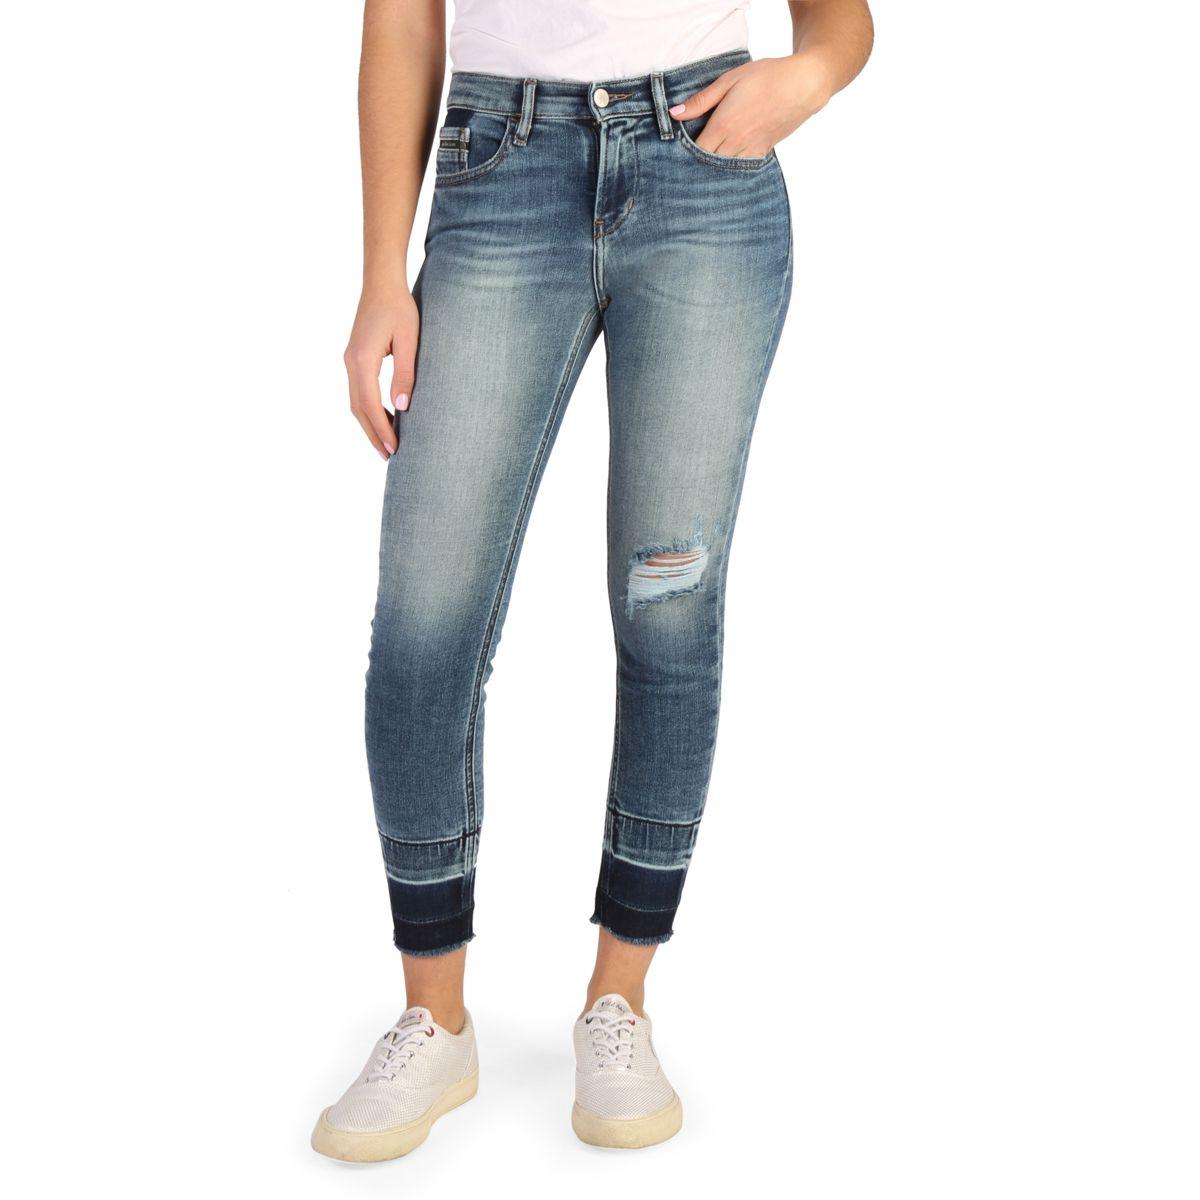 Calvin Klein – J20J204669 Jeans L30